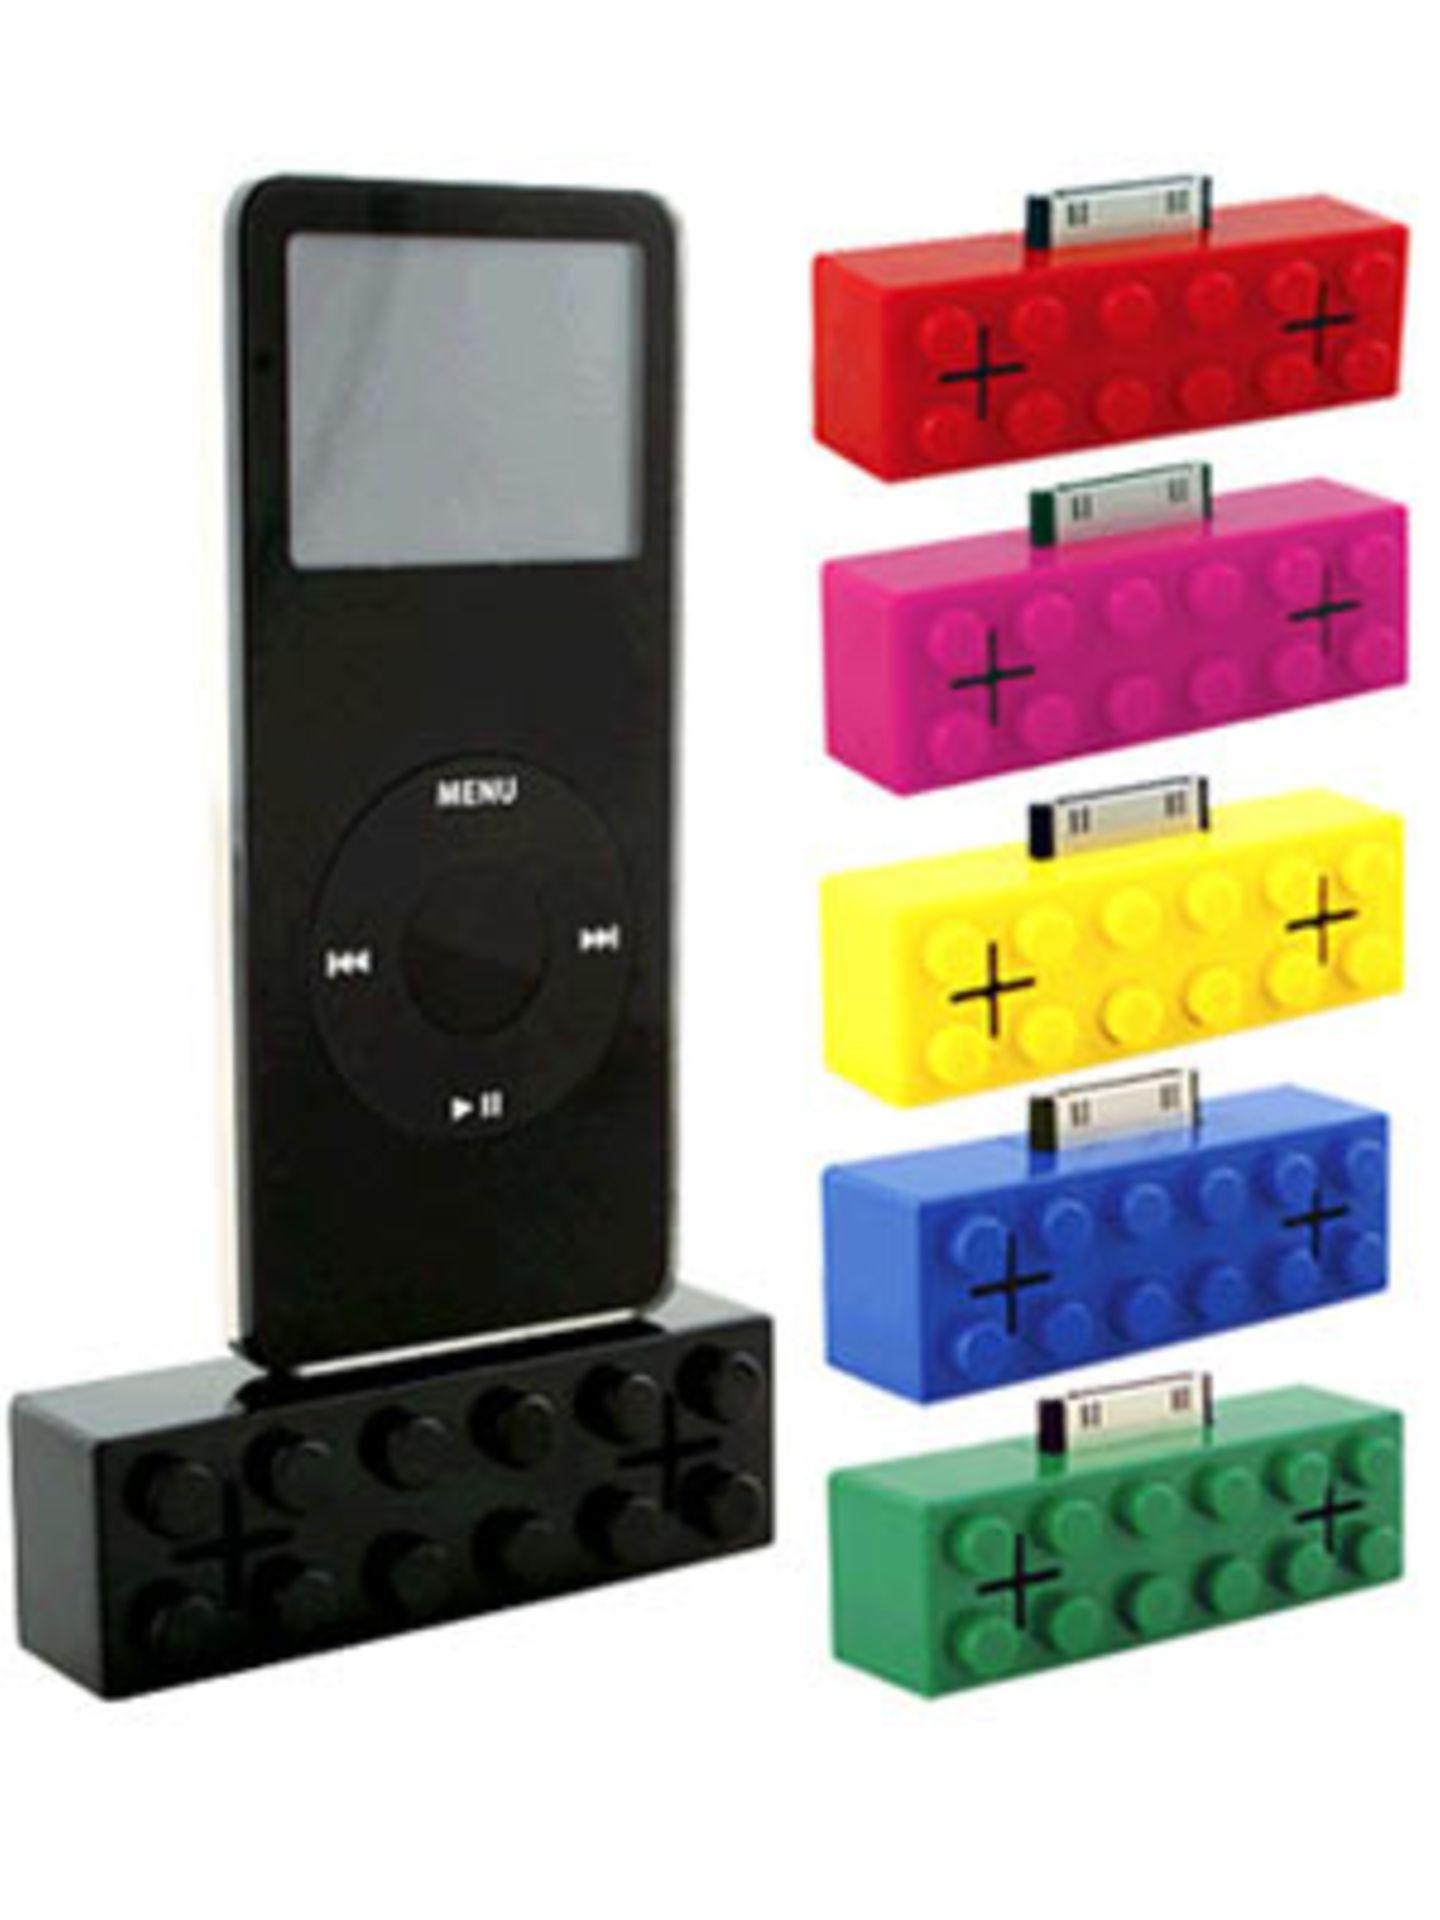 Retro-Lautsprecher für den iPod von fredflare.com, um 30 Euro.